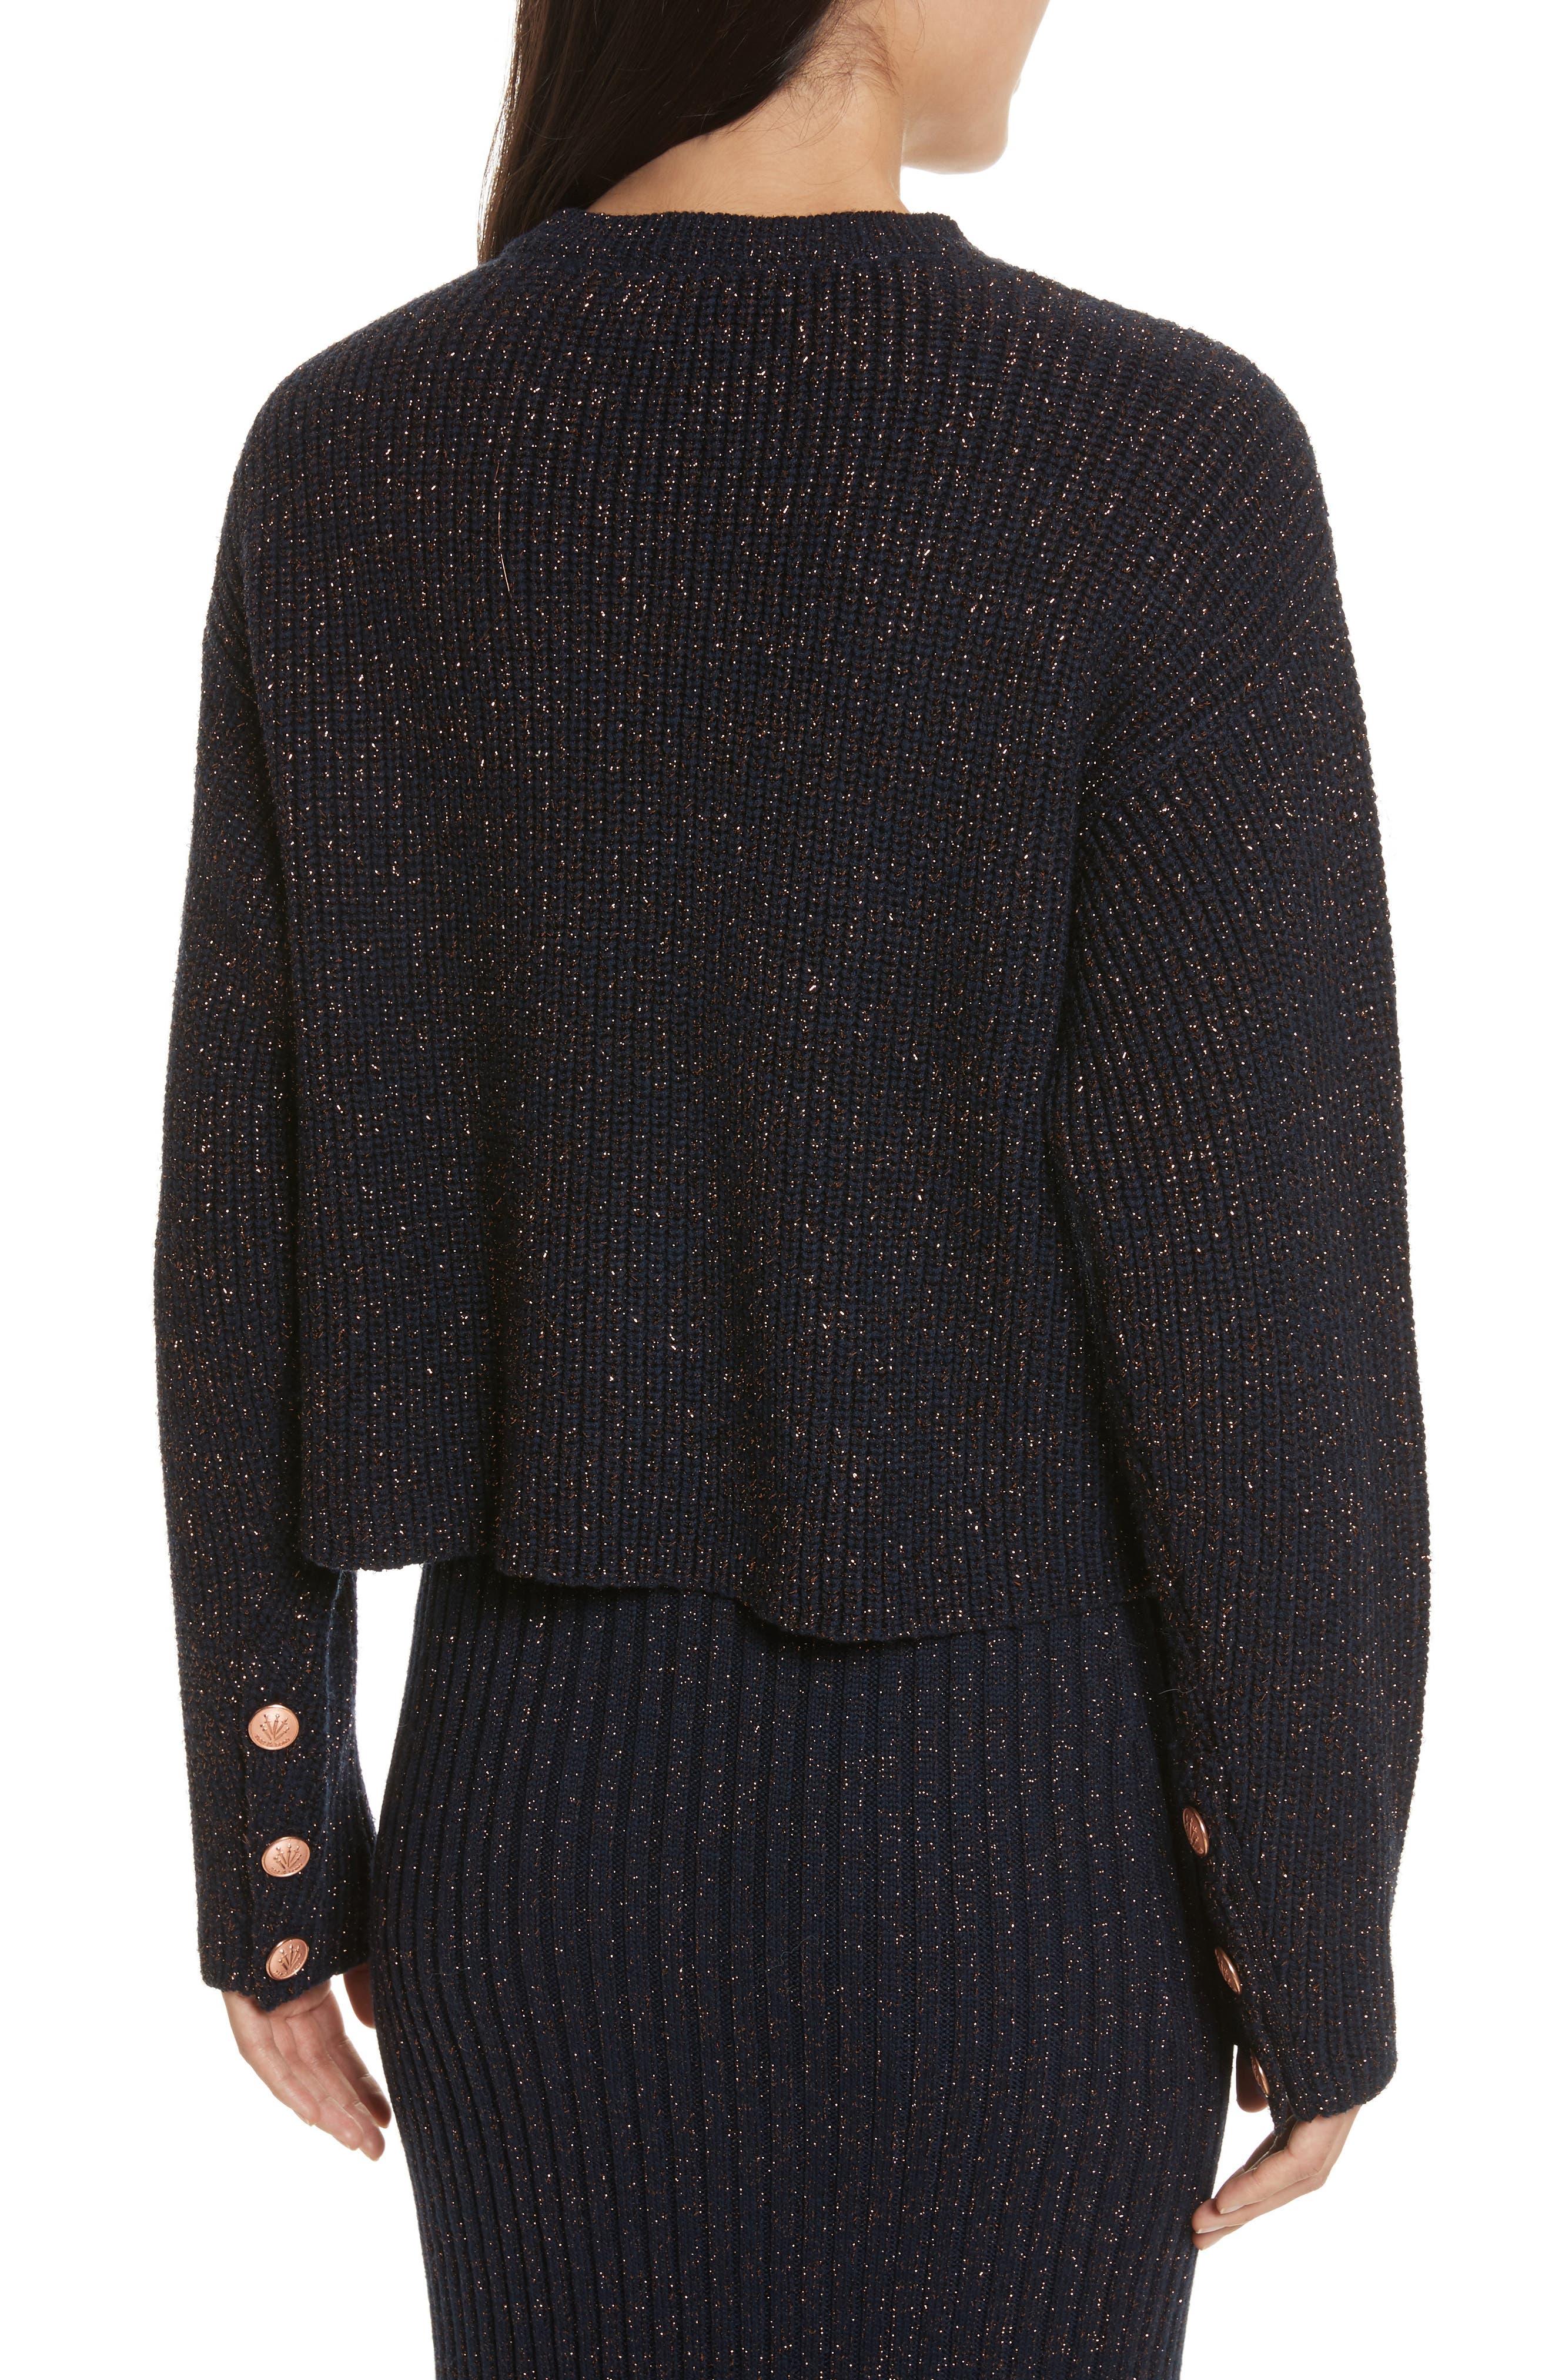 Leyton Metallic Knit Merino Wool Blend Sweater,                             Alternate thumbnail 3, color,                             Navy